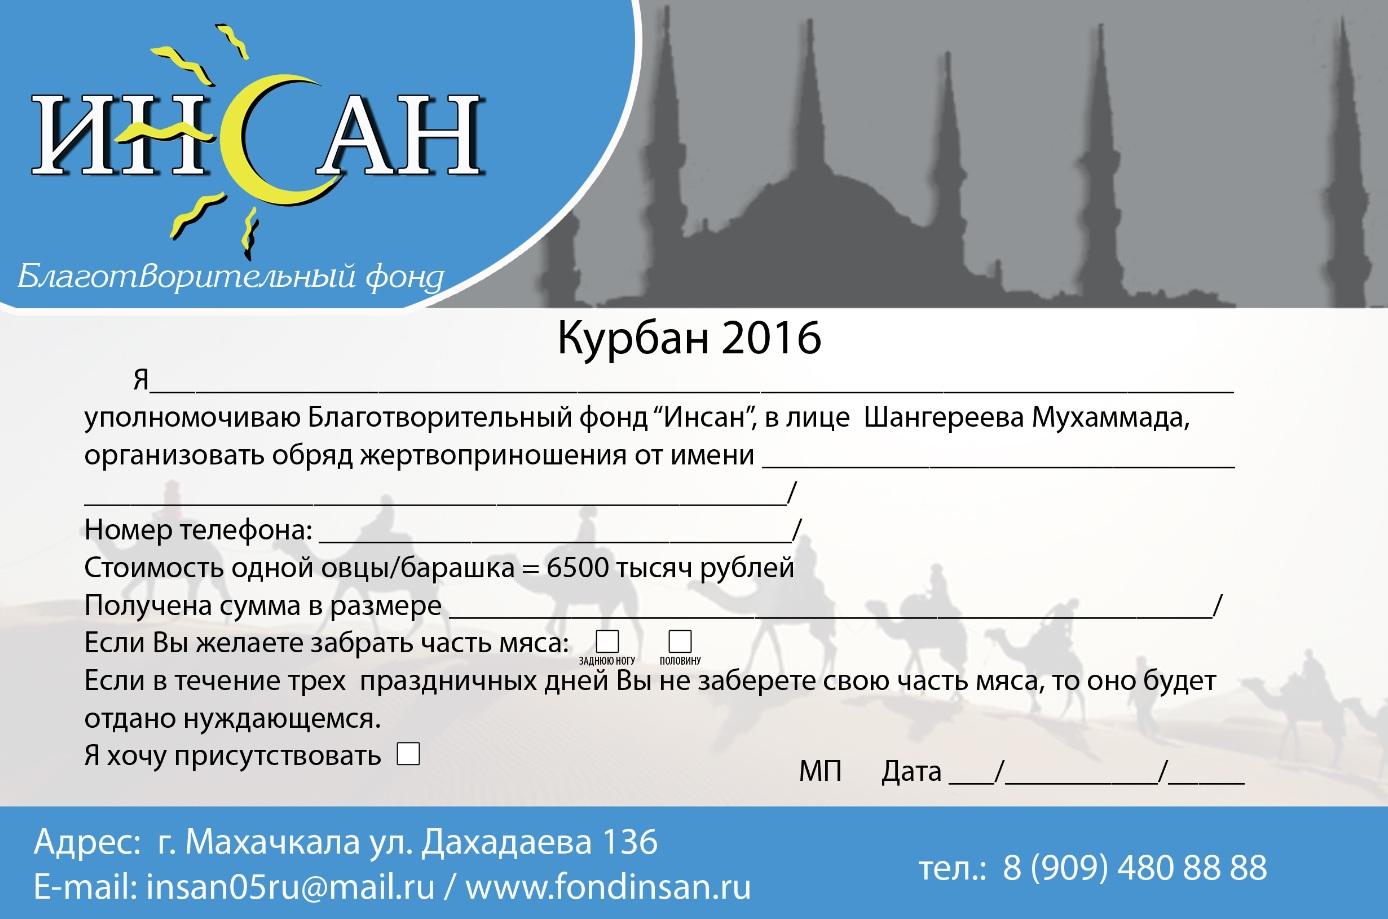 kurban2016 kupon